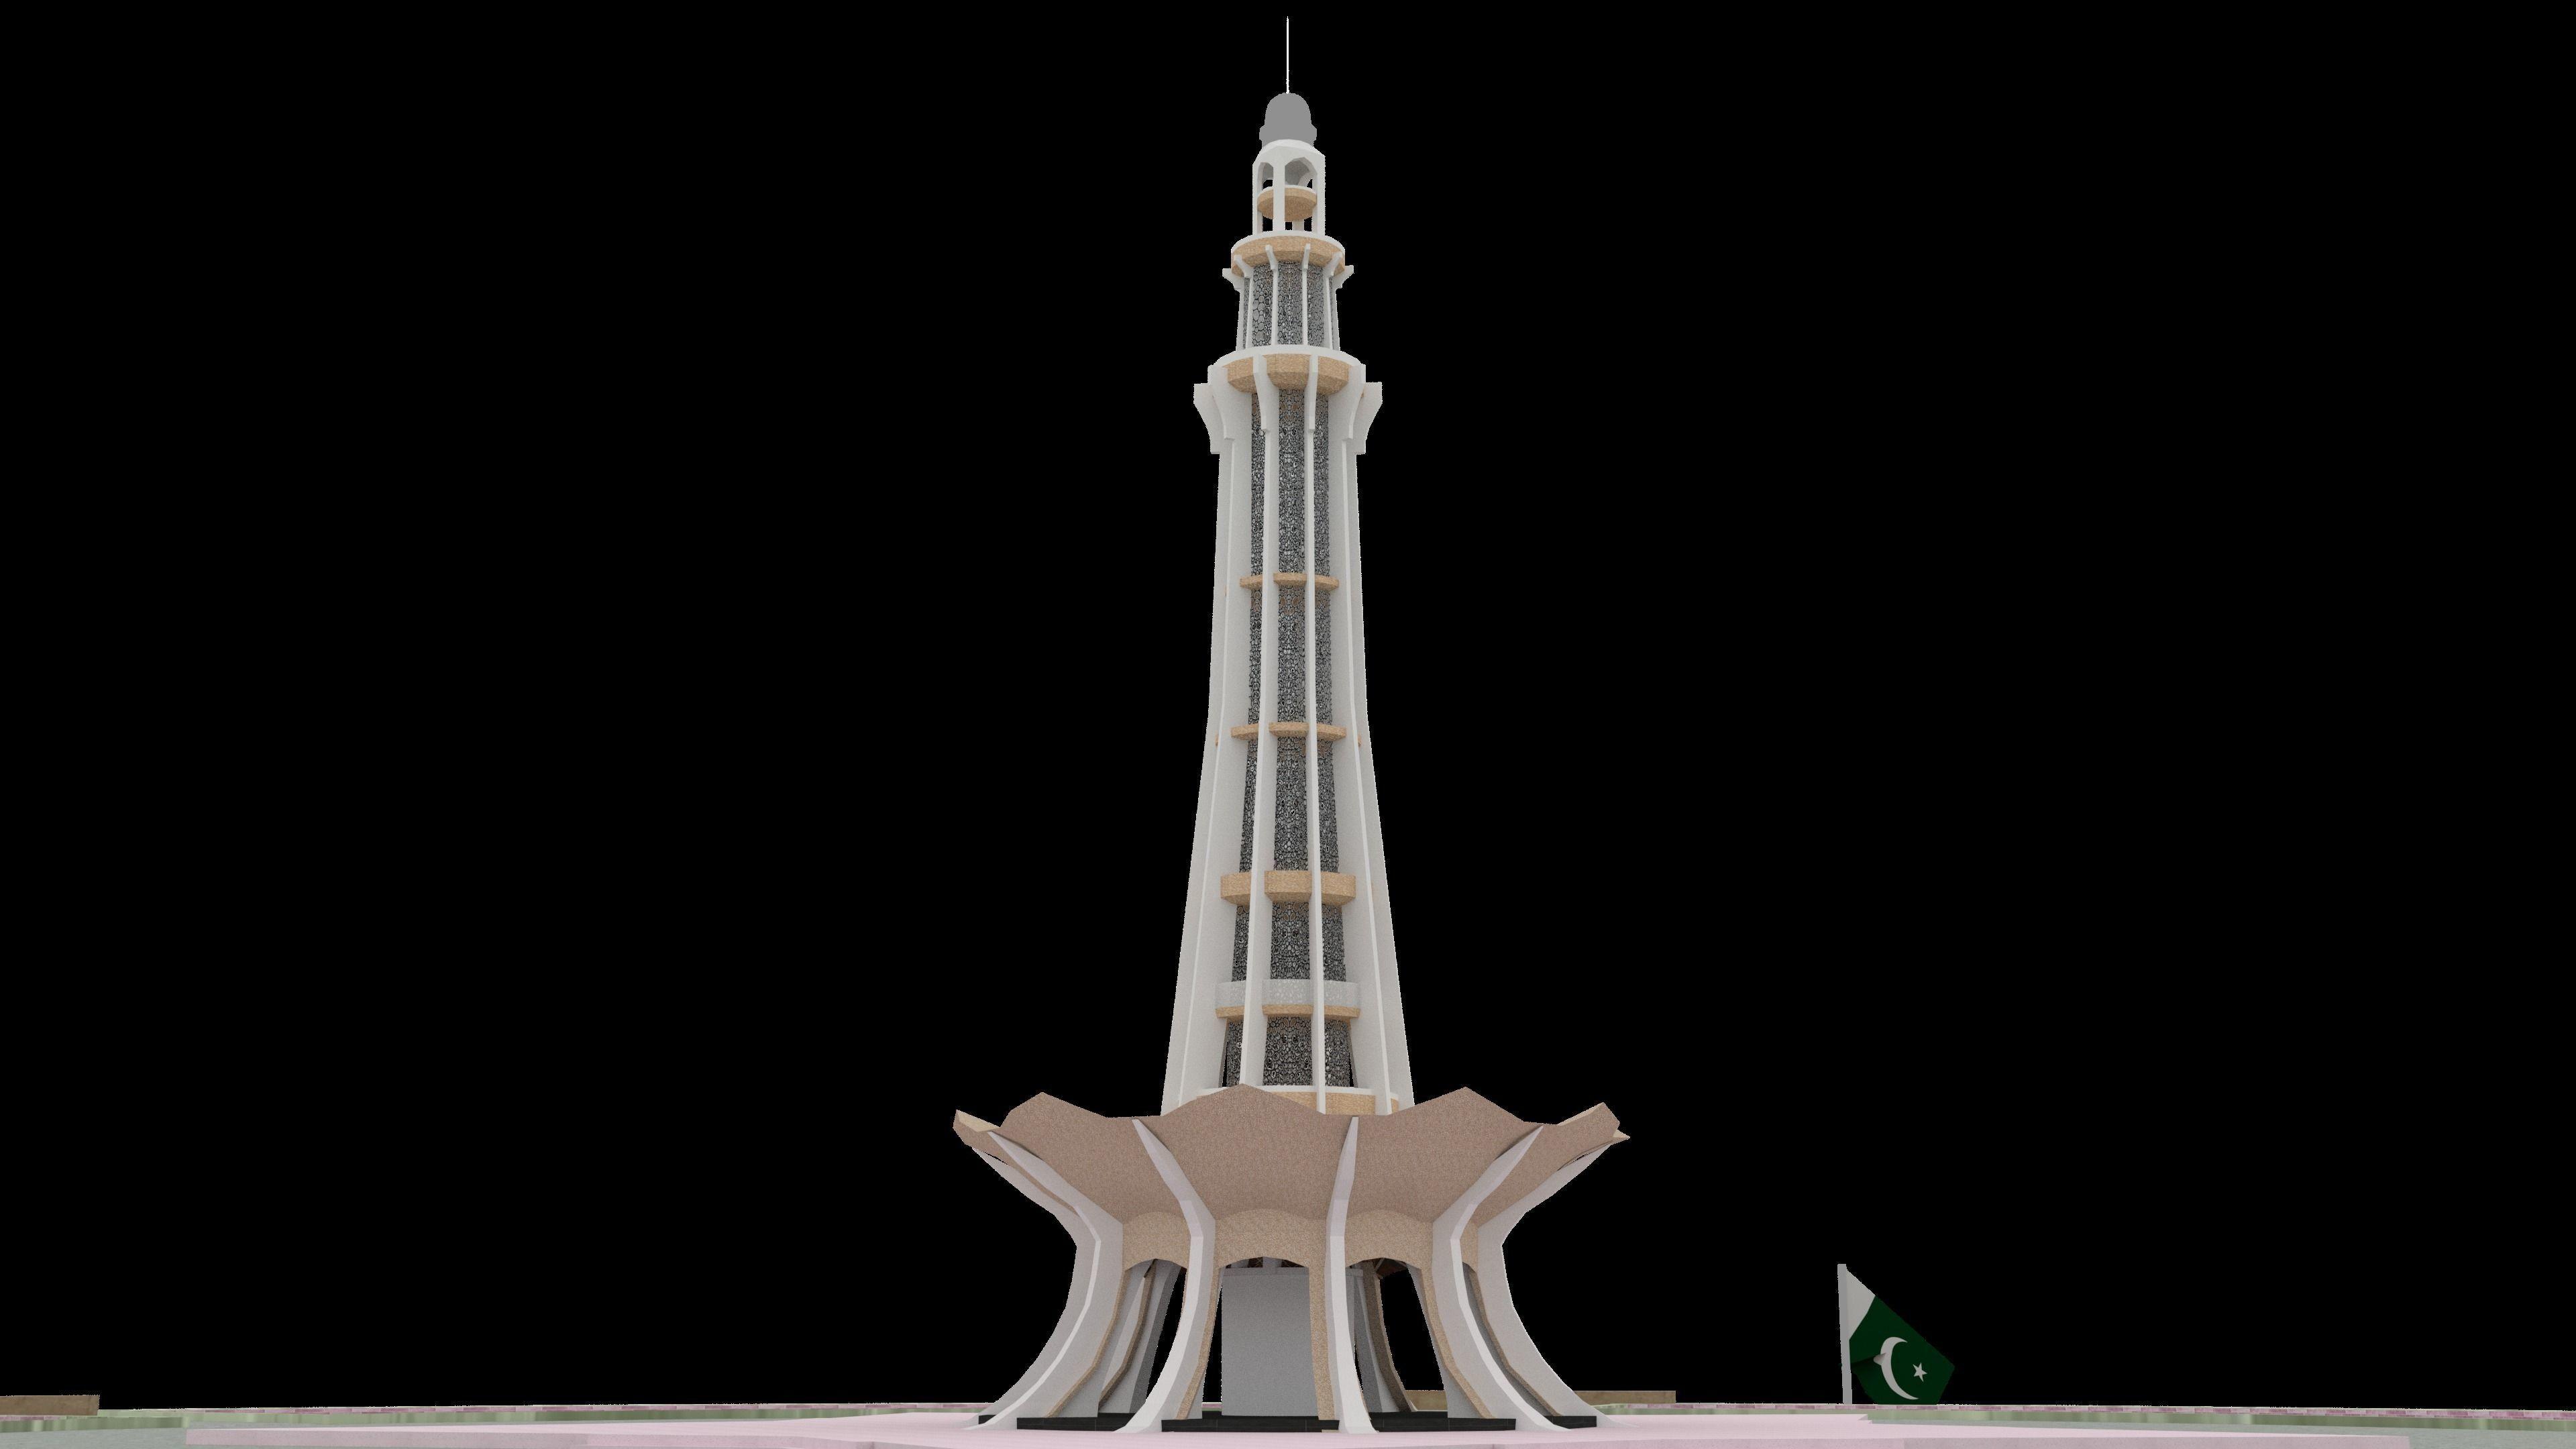 Minar-e-Pakistan - Lowpoly - Game Ready